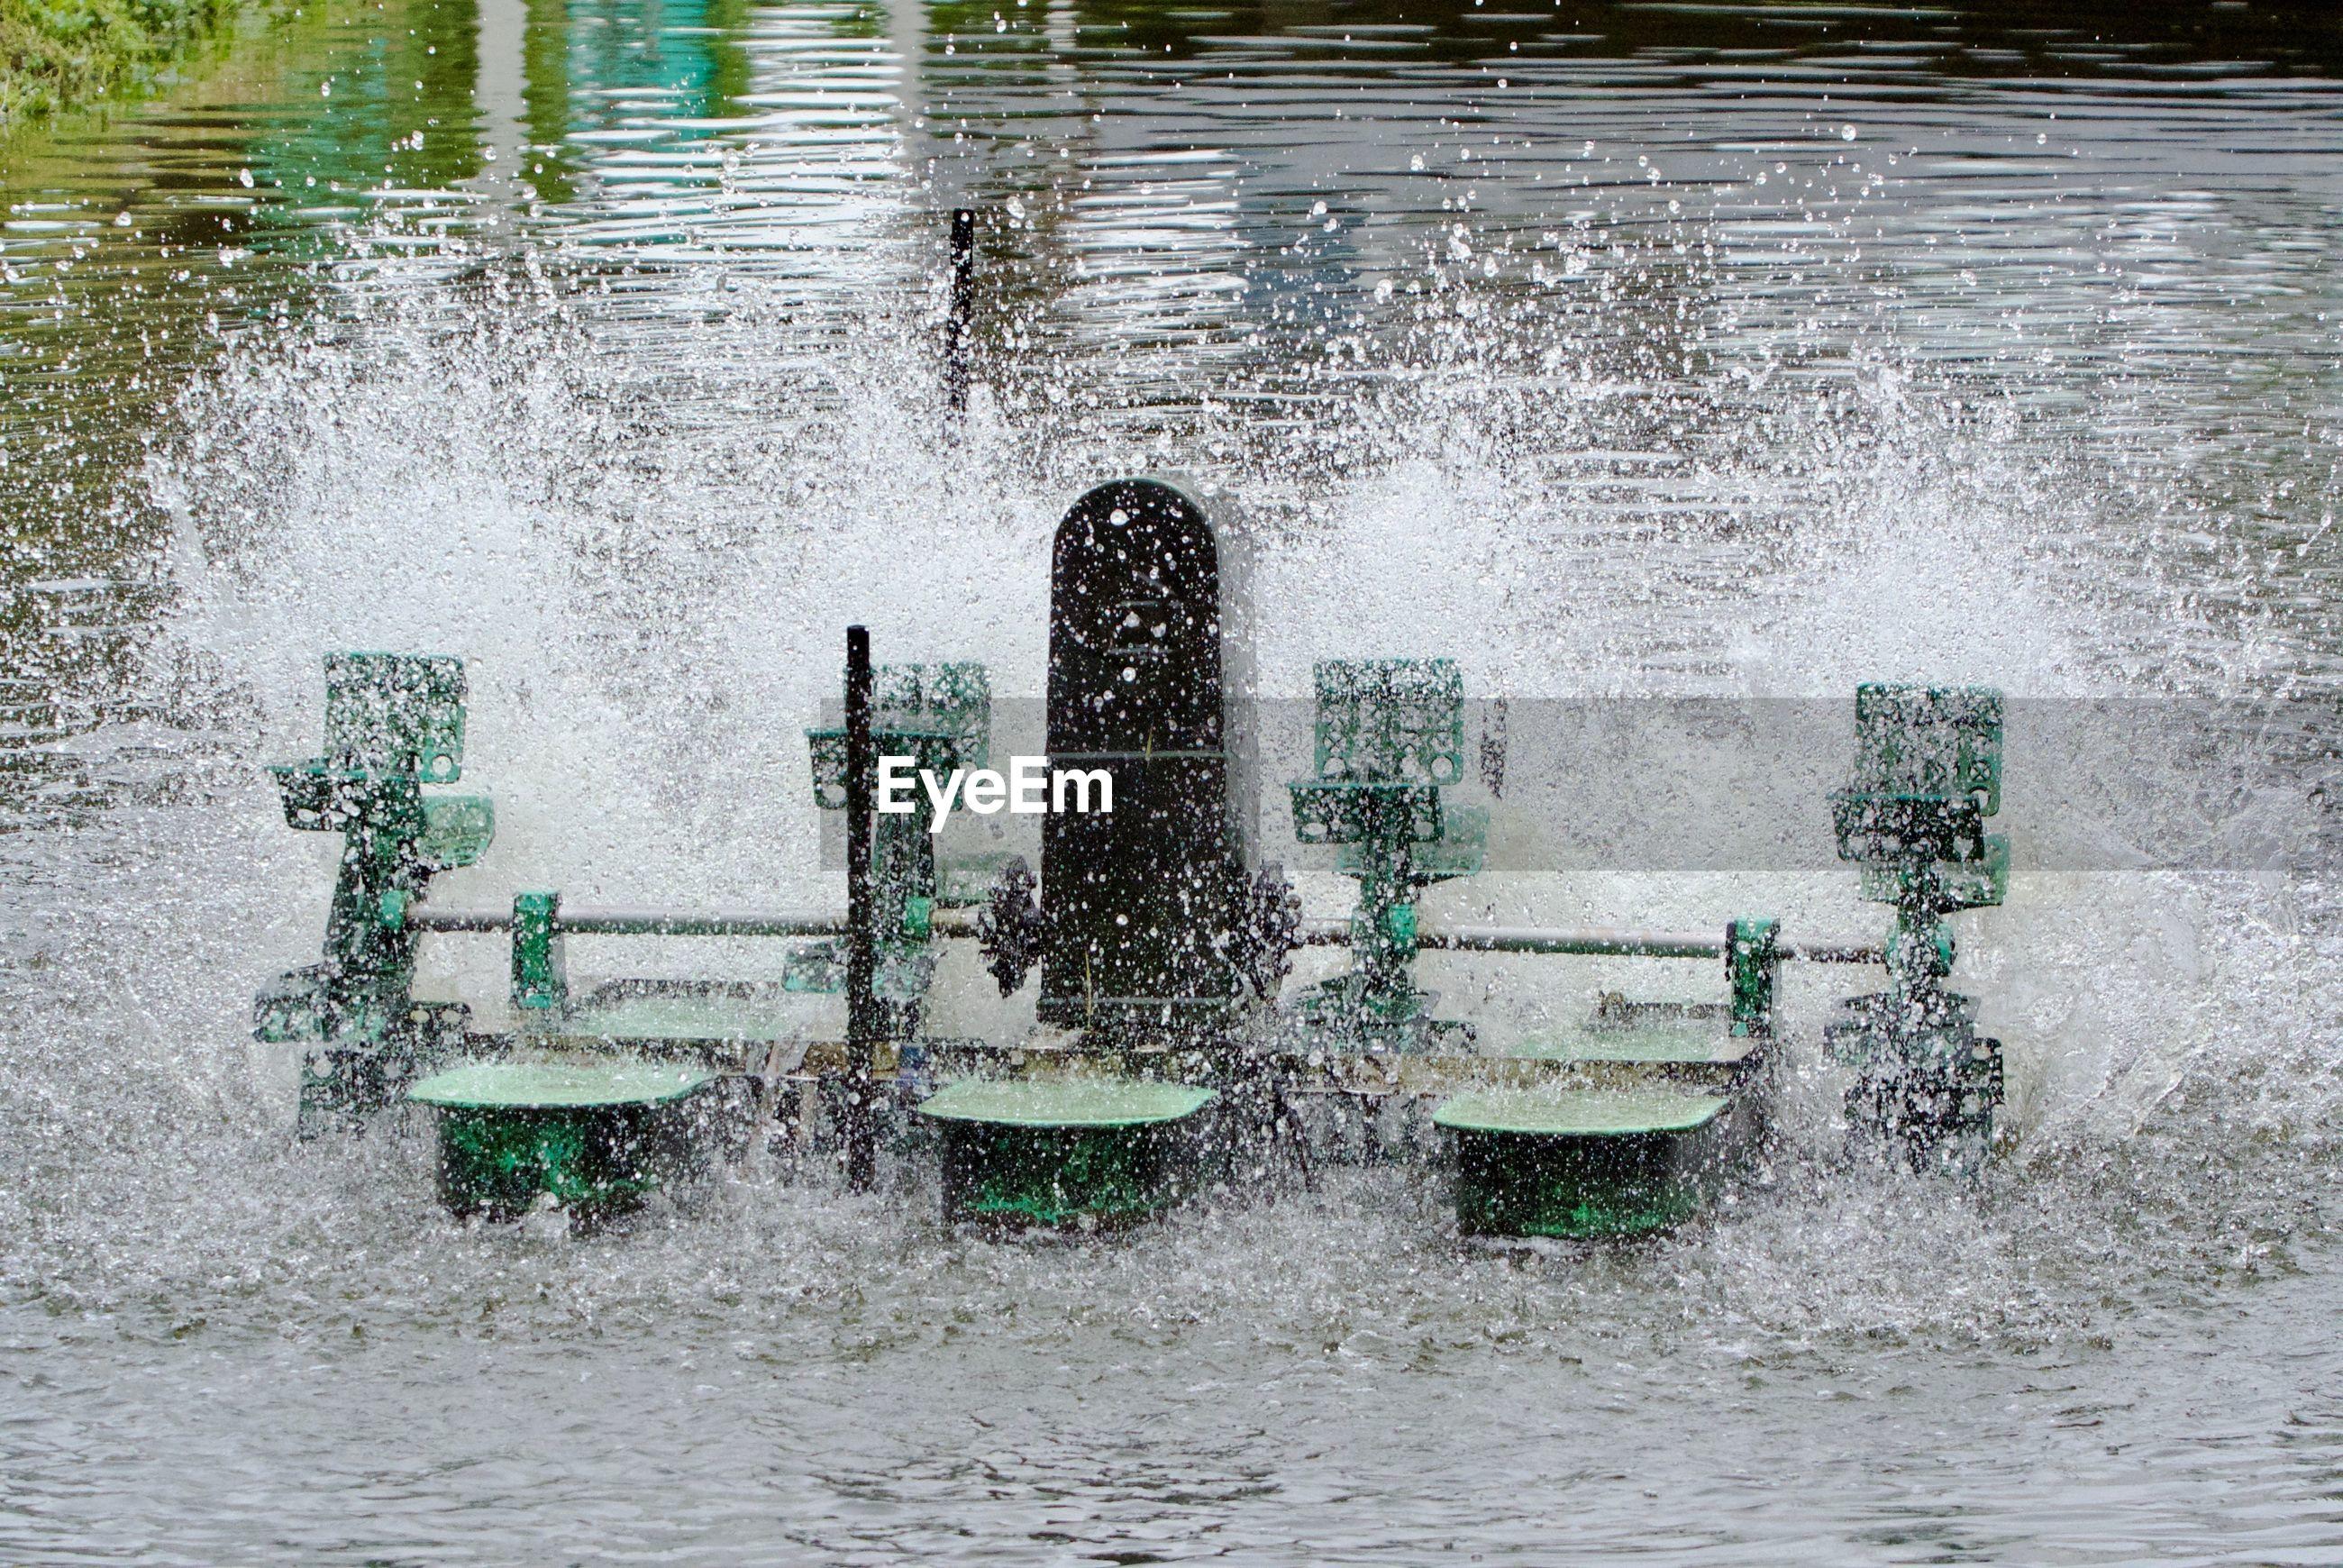 Machinery splashing water in lake